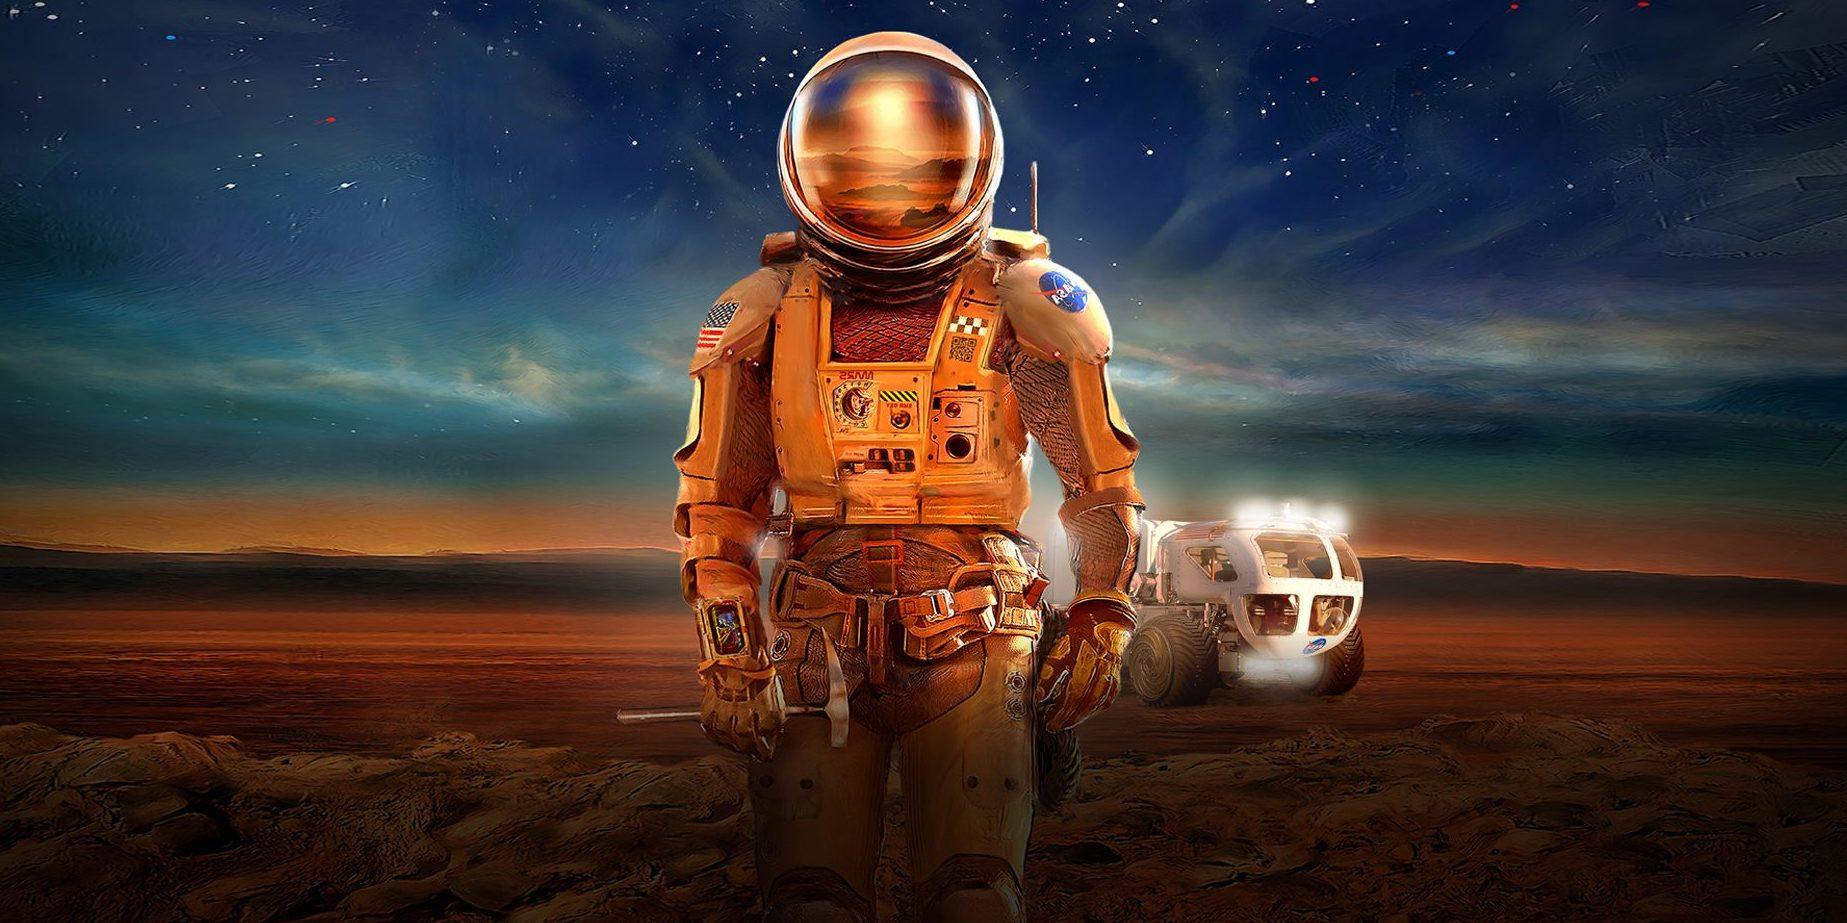 Futuro en Marte